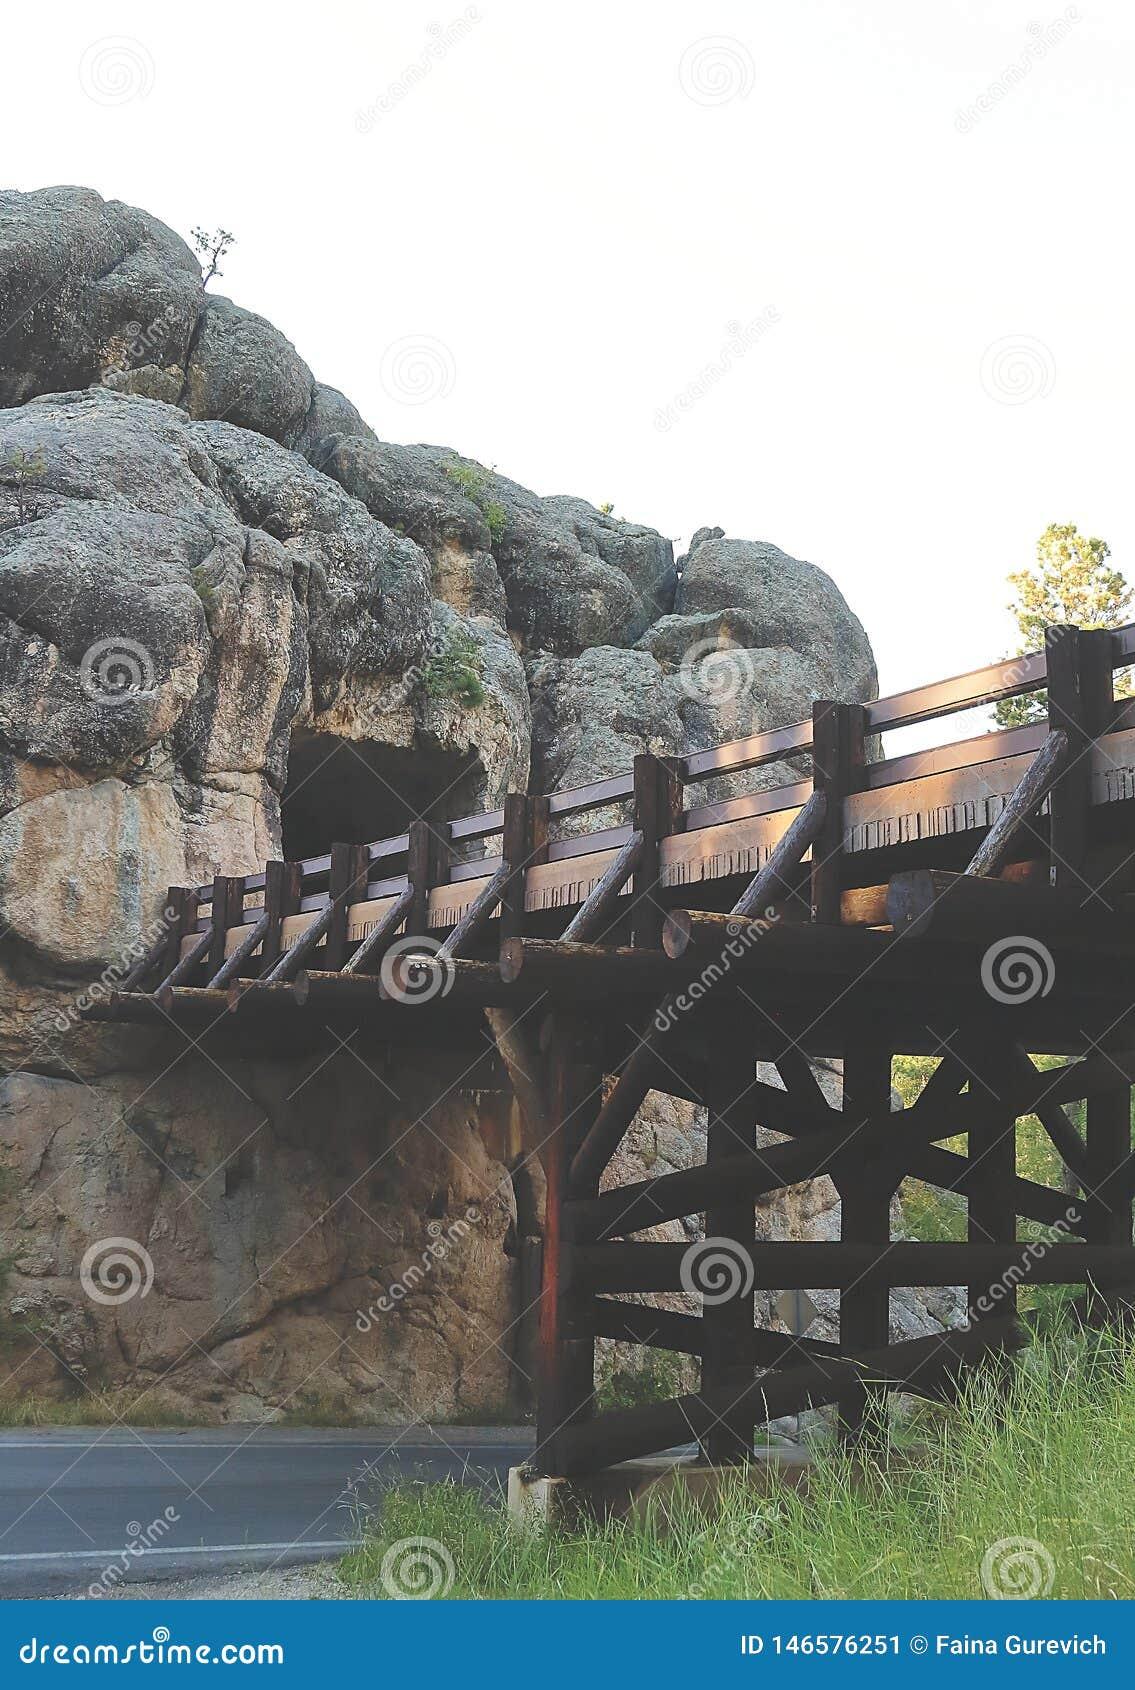 Взгляд c C Тоннель Gideon и красивый мост в Южной Дакоте